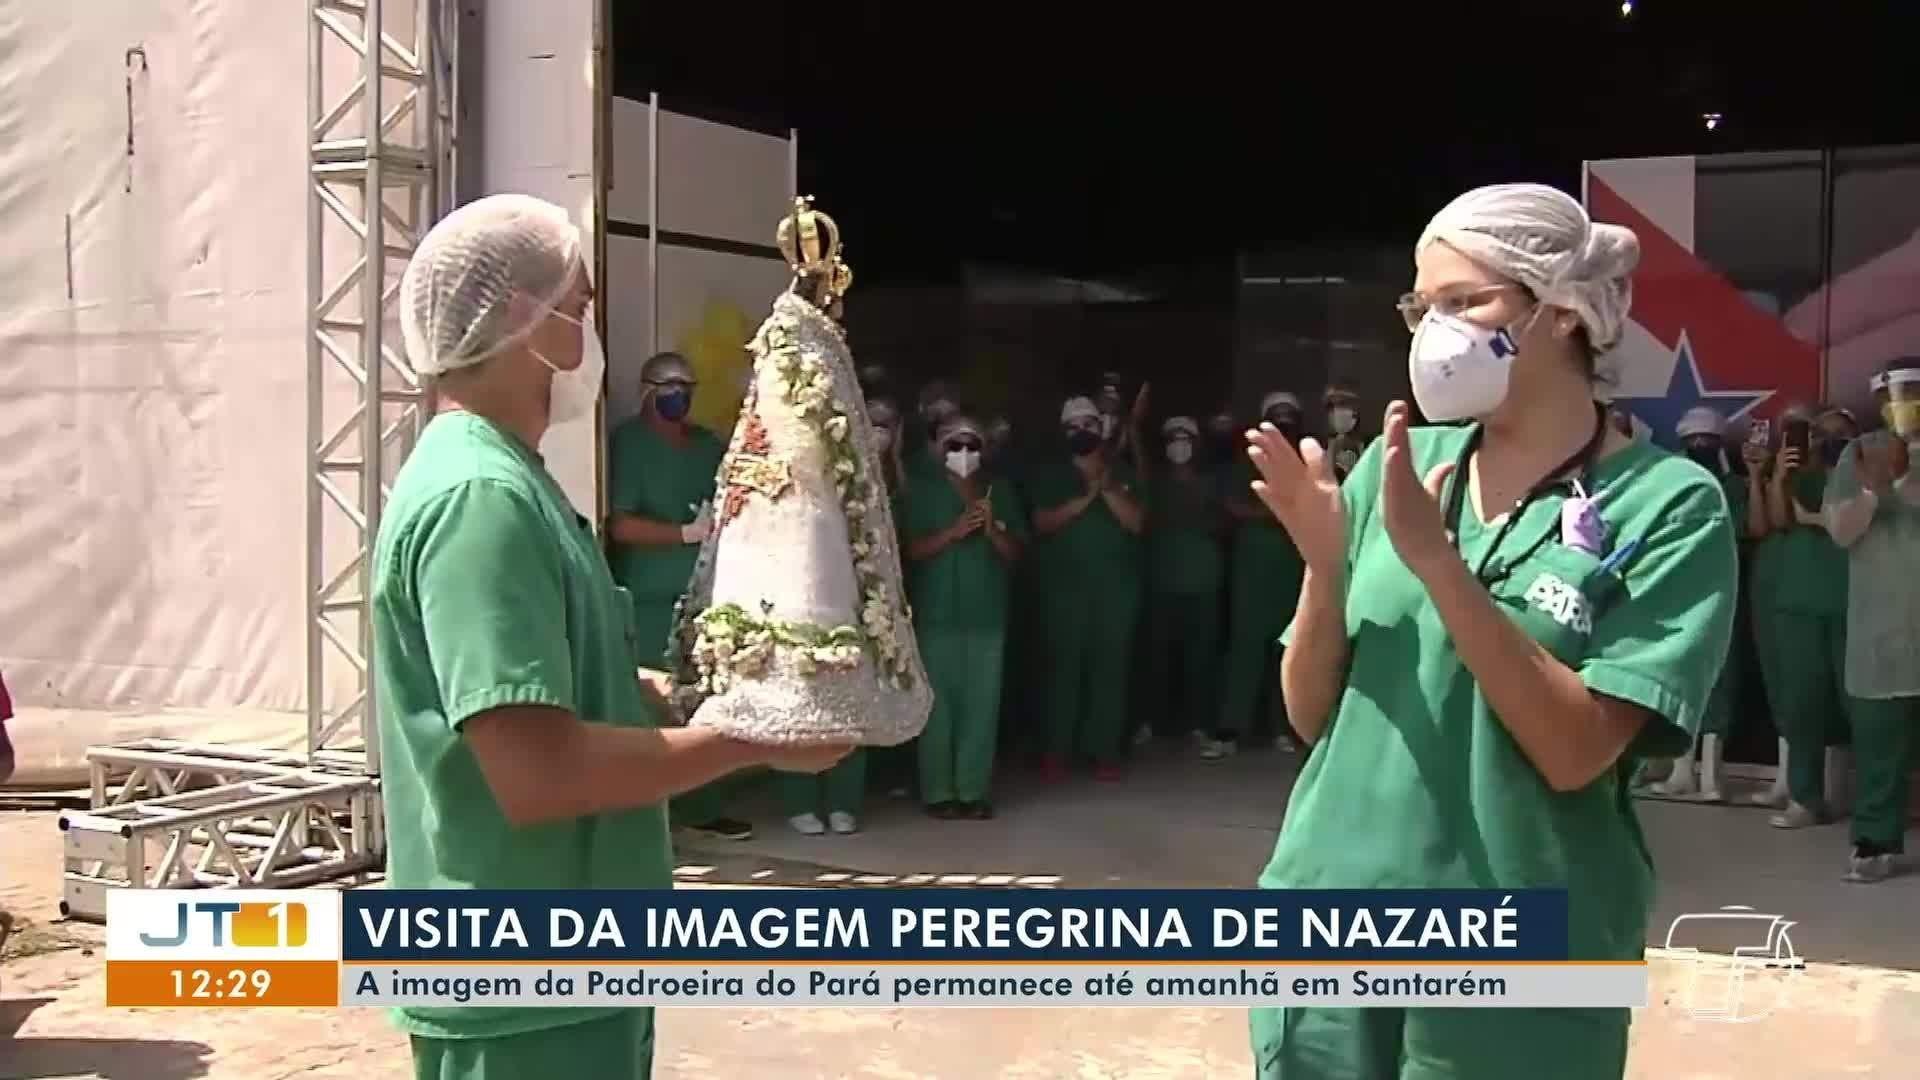 VÍDEOS: Jornal Tapajós 1ª Edição de sábado, 11 de julho de 2020